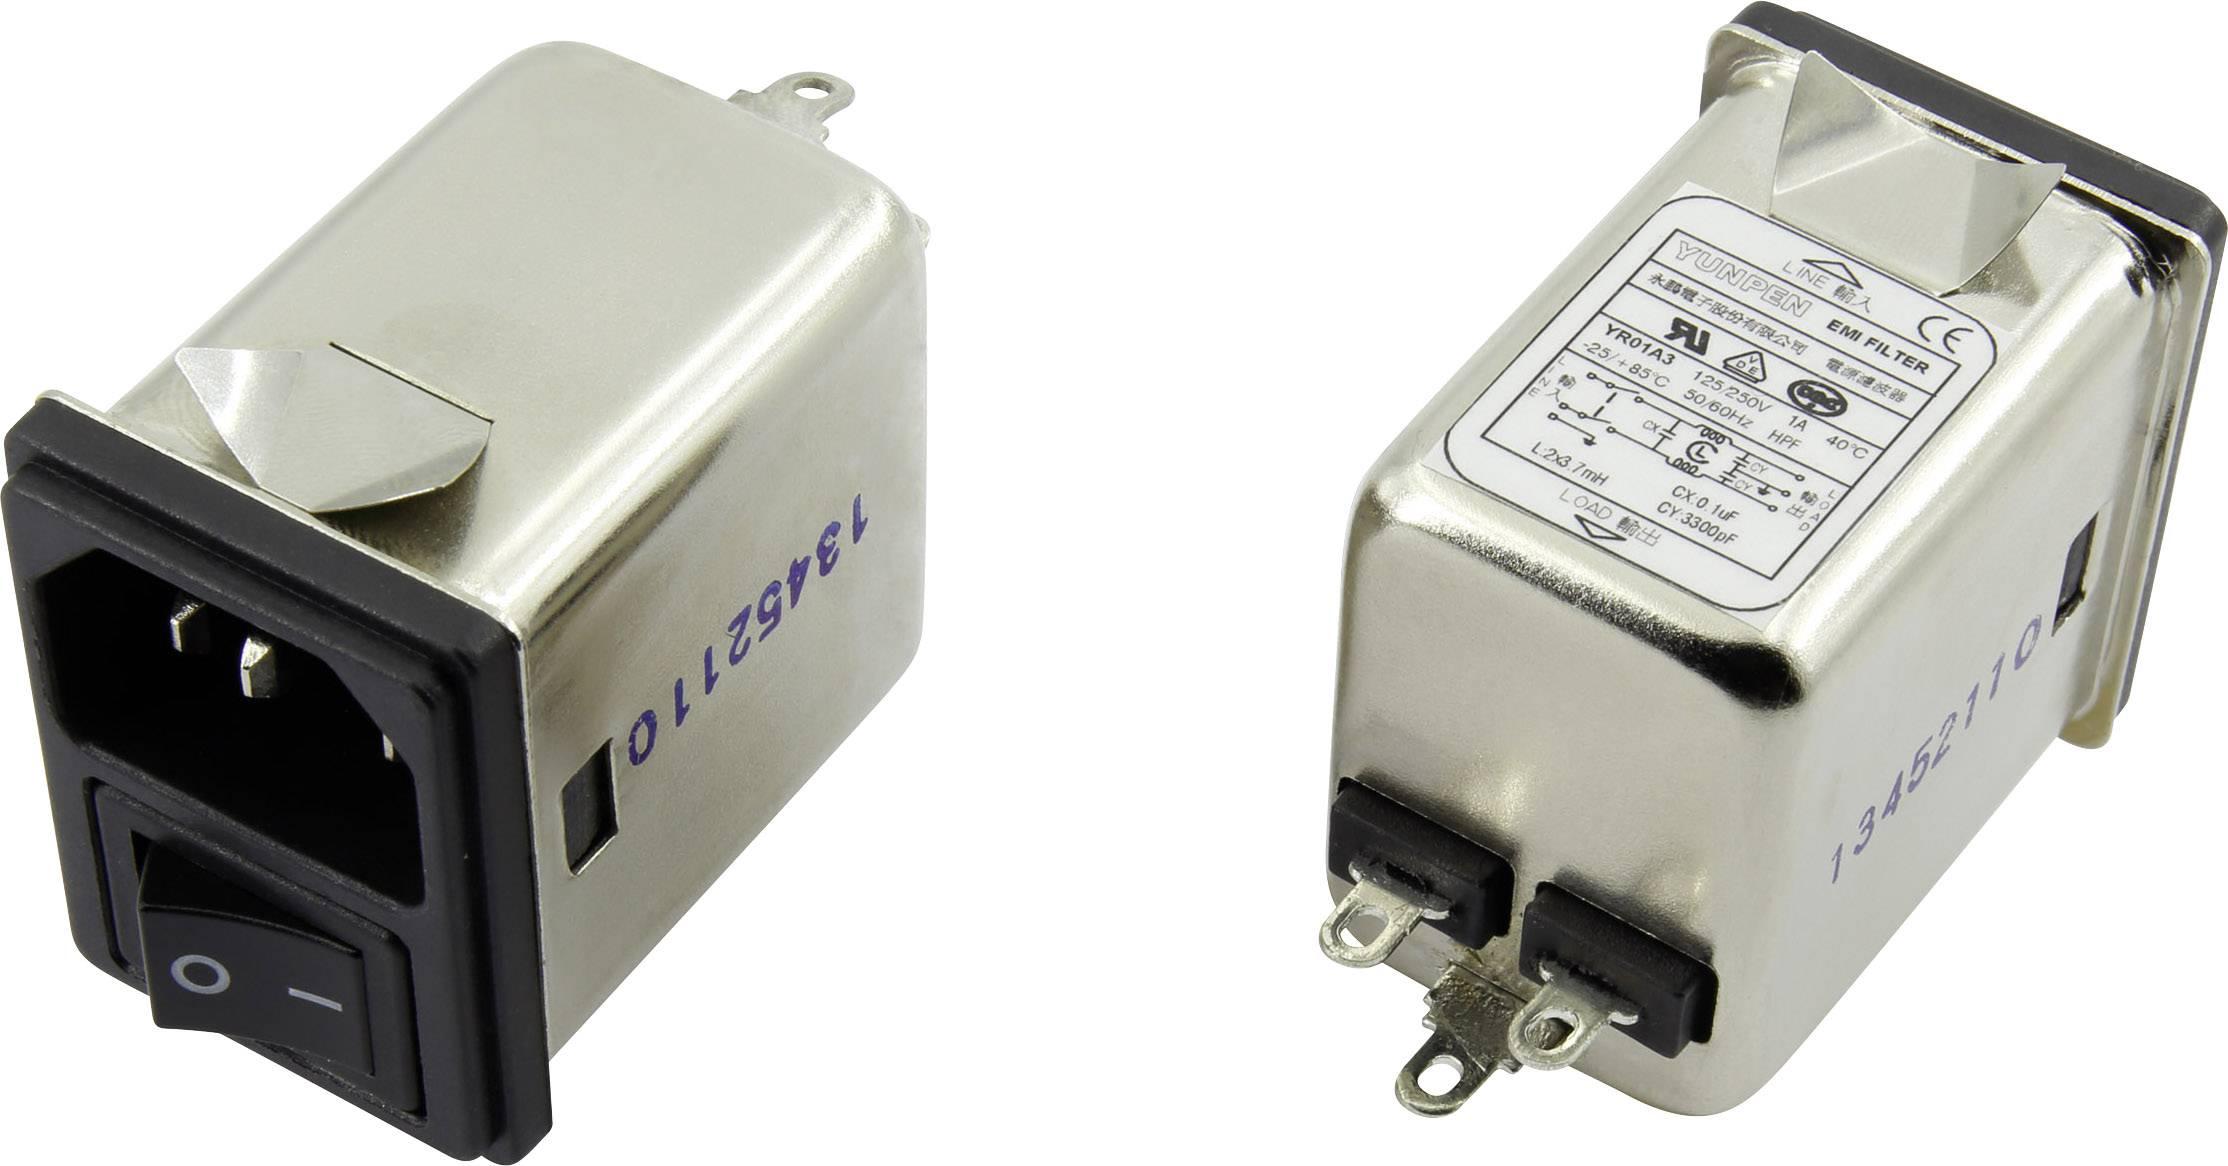 Odrušovací filtr Yunpen YR01A3 1326739, se spínačem, s IEC zásuvkou, 250 V/AC, 1 A, 3.7 mH, (d x š x v) 41.1 x 31.6 x 56 mm, 1 ks